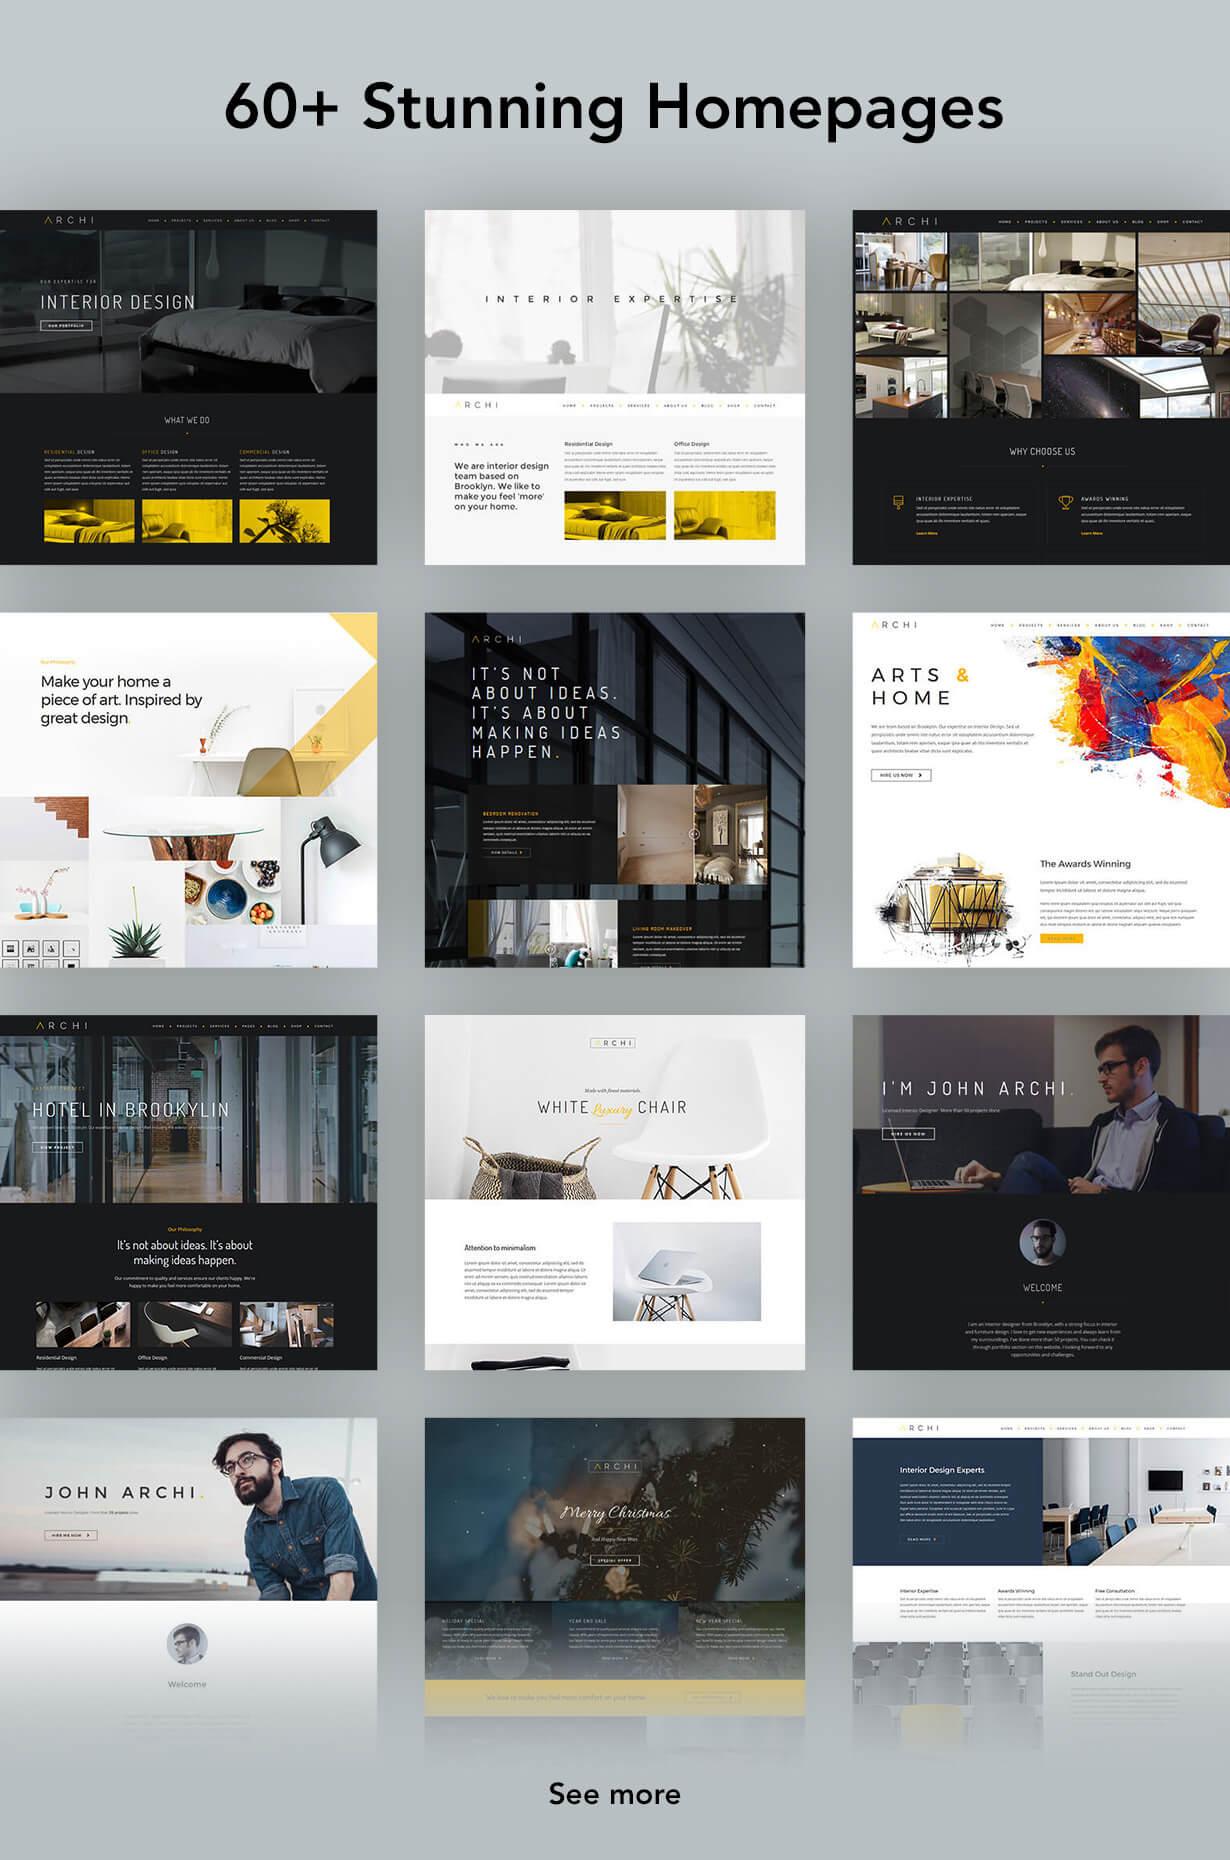 现代多用途室内设计风格WordPress主题模板 Archi – Interior Design WordPress Theme插图(6)